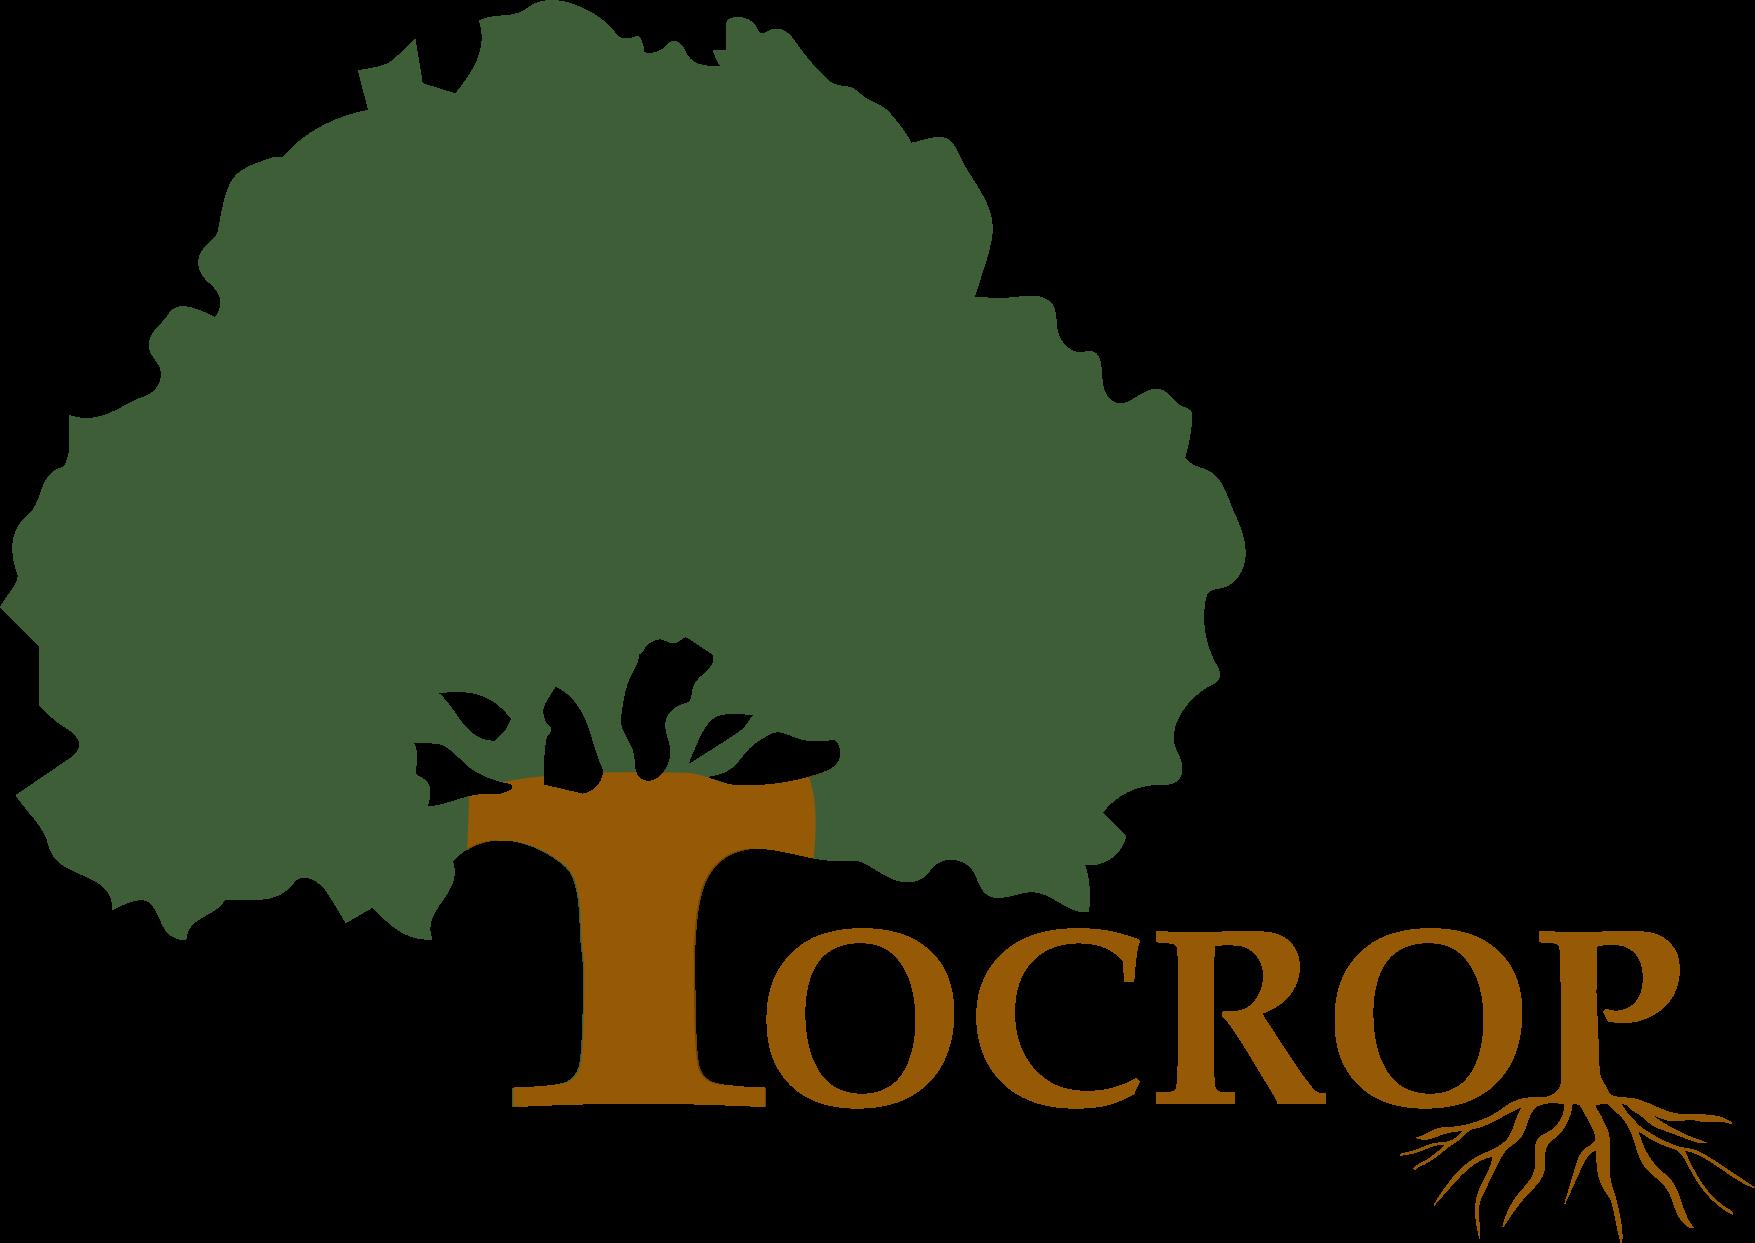 Tocrop Francais